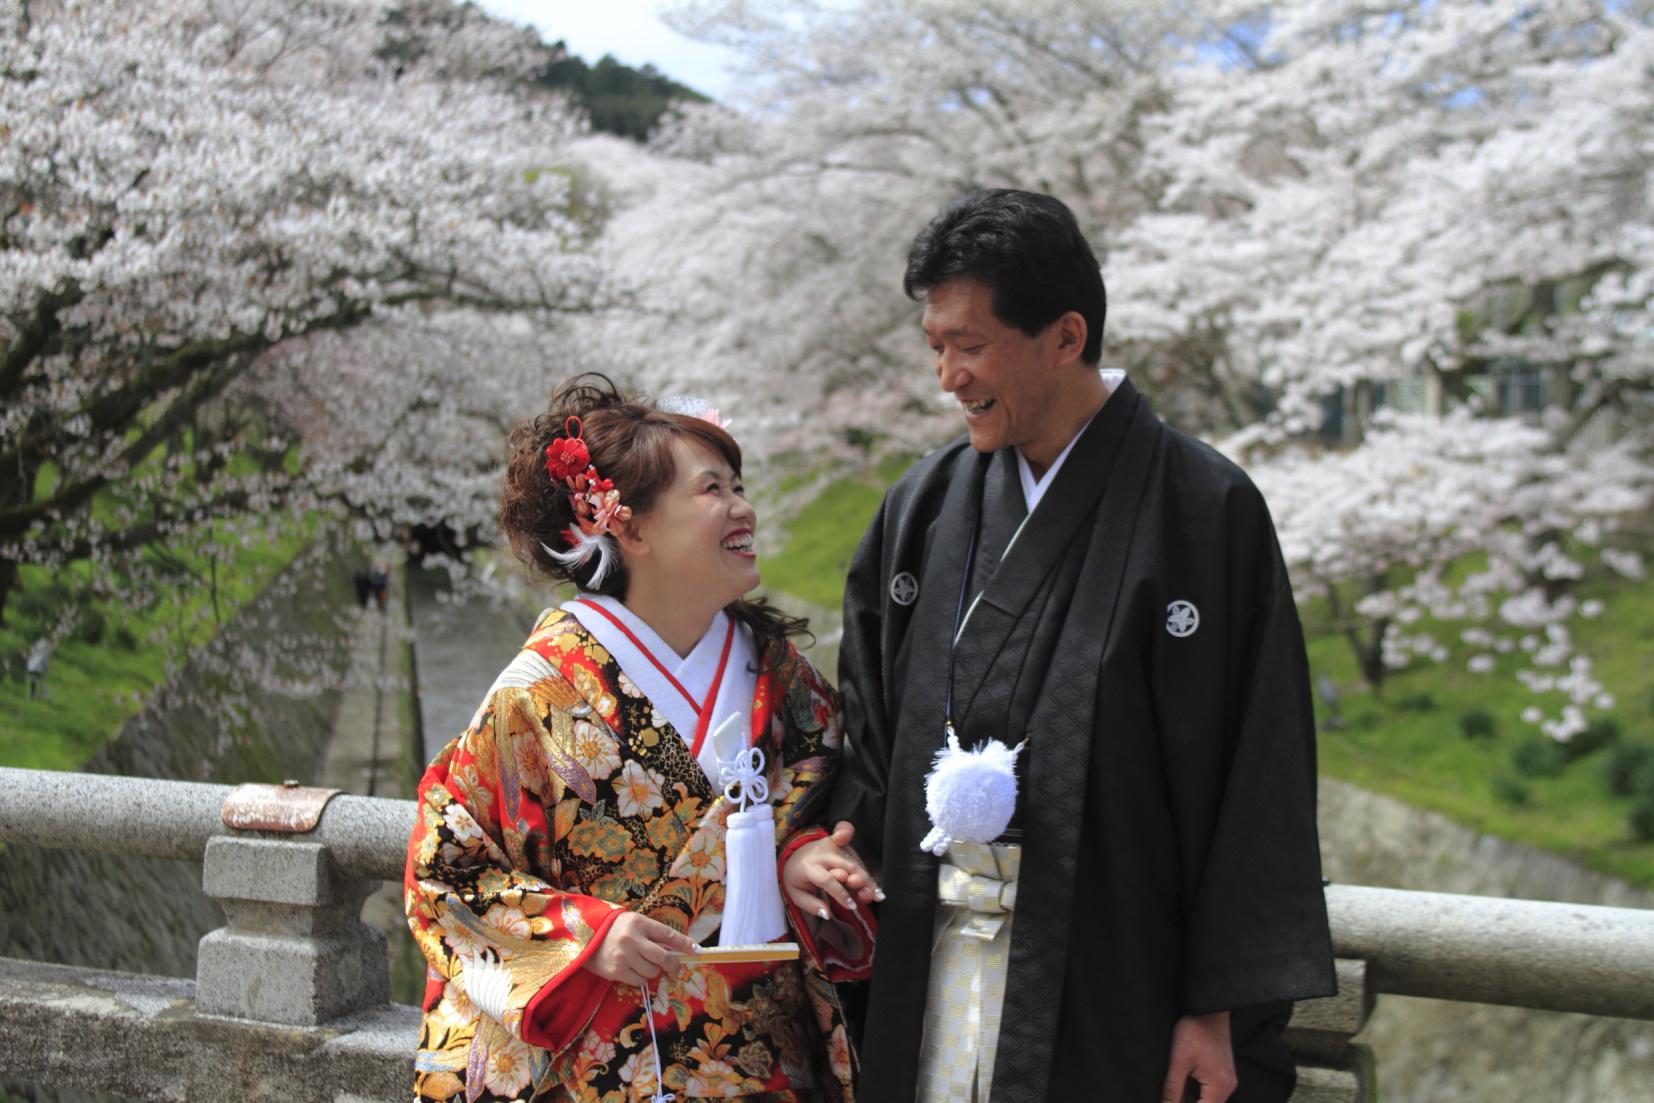 ウェディングフォト 結婚 結婚式撮影 結婚前撮り